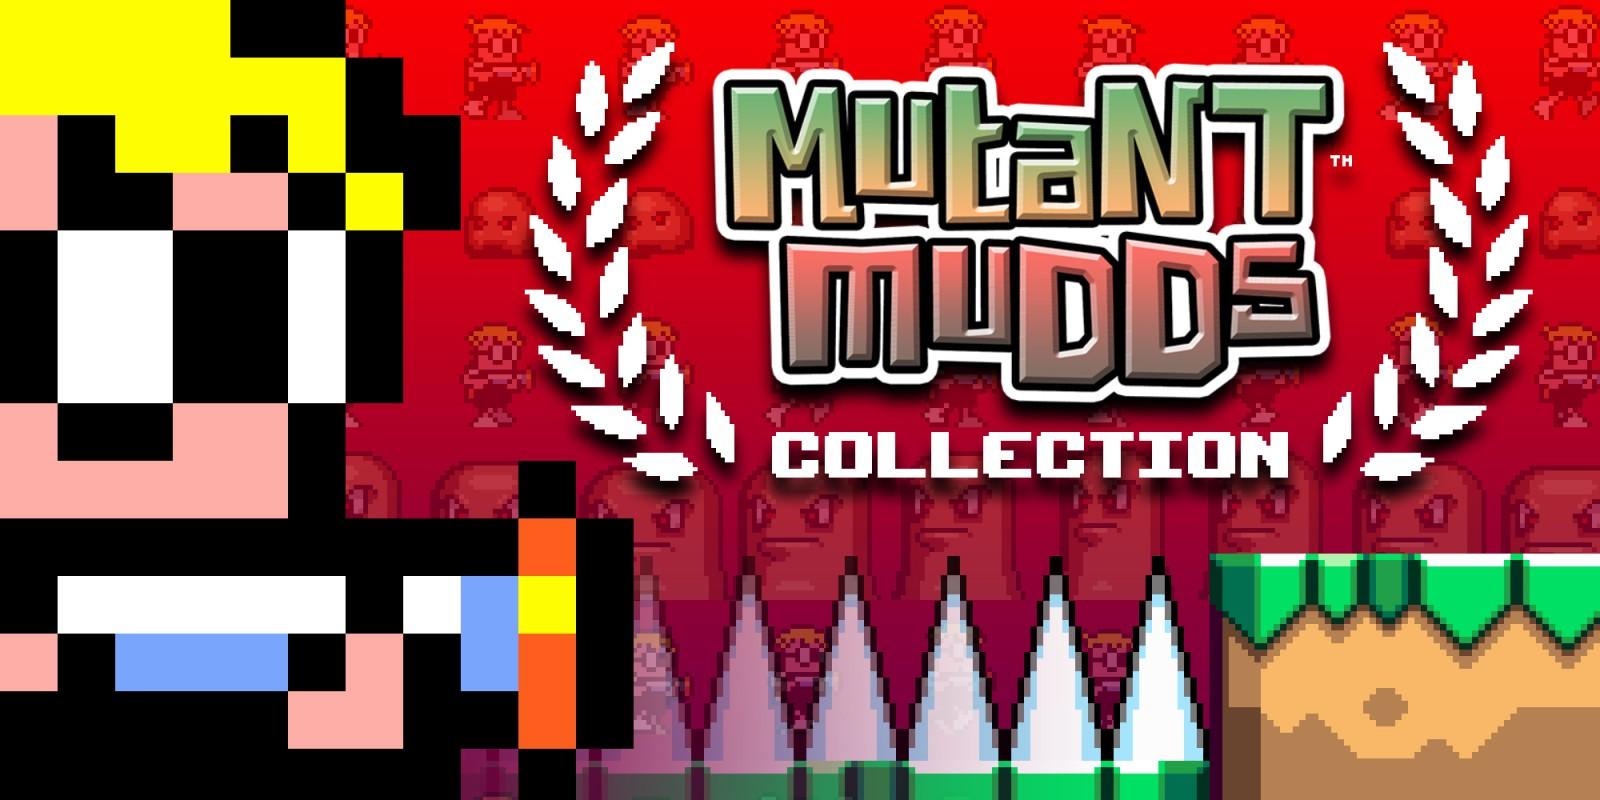 Vendas de Mutant Mudds Collection no Switch dobram graças ao corte de preço